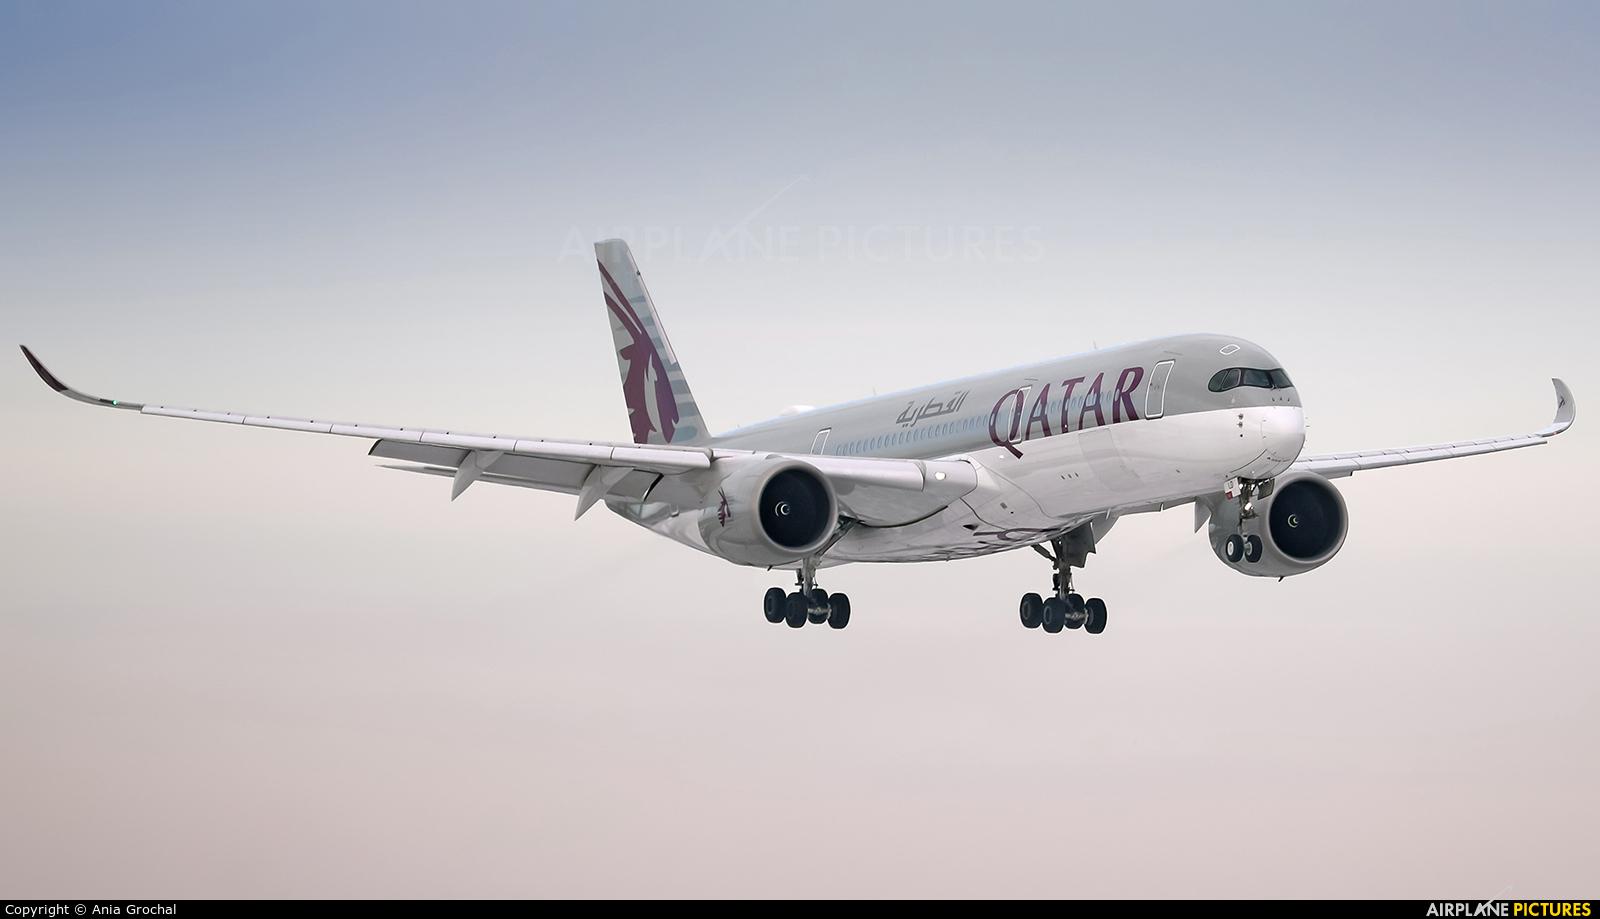 Qatar Airways A7-ALD aircraft at Warsaw - Frederic Chopin